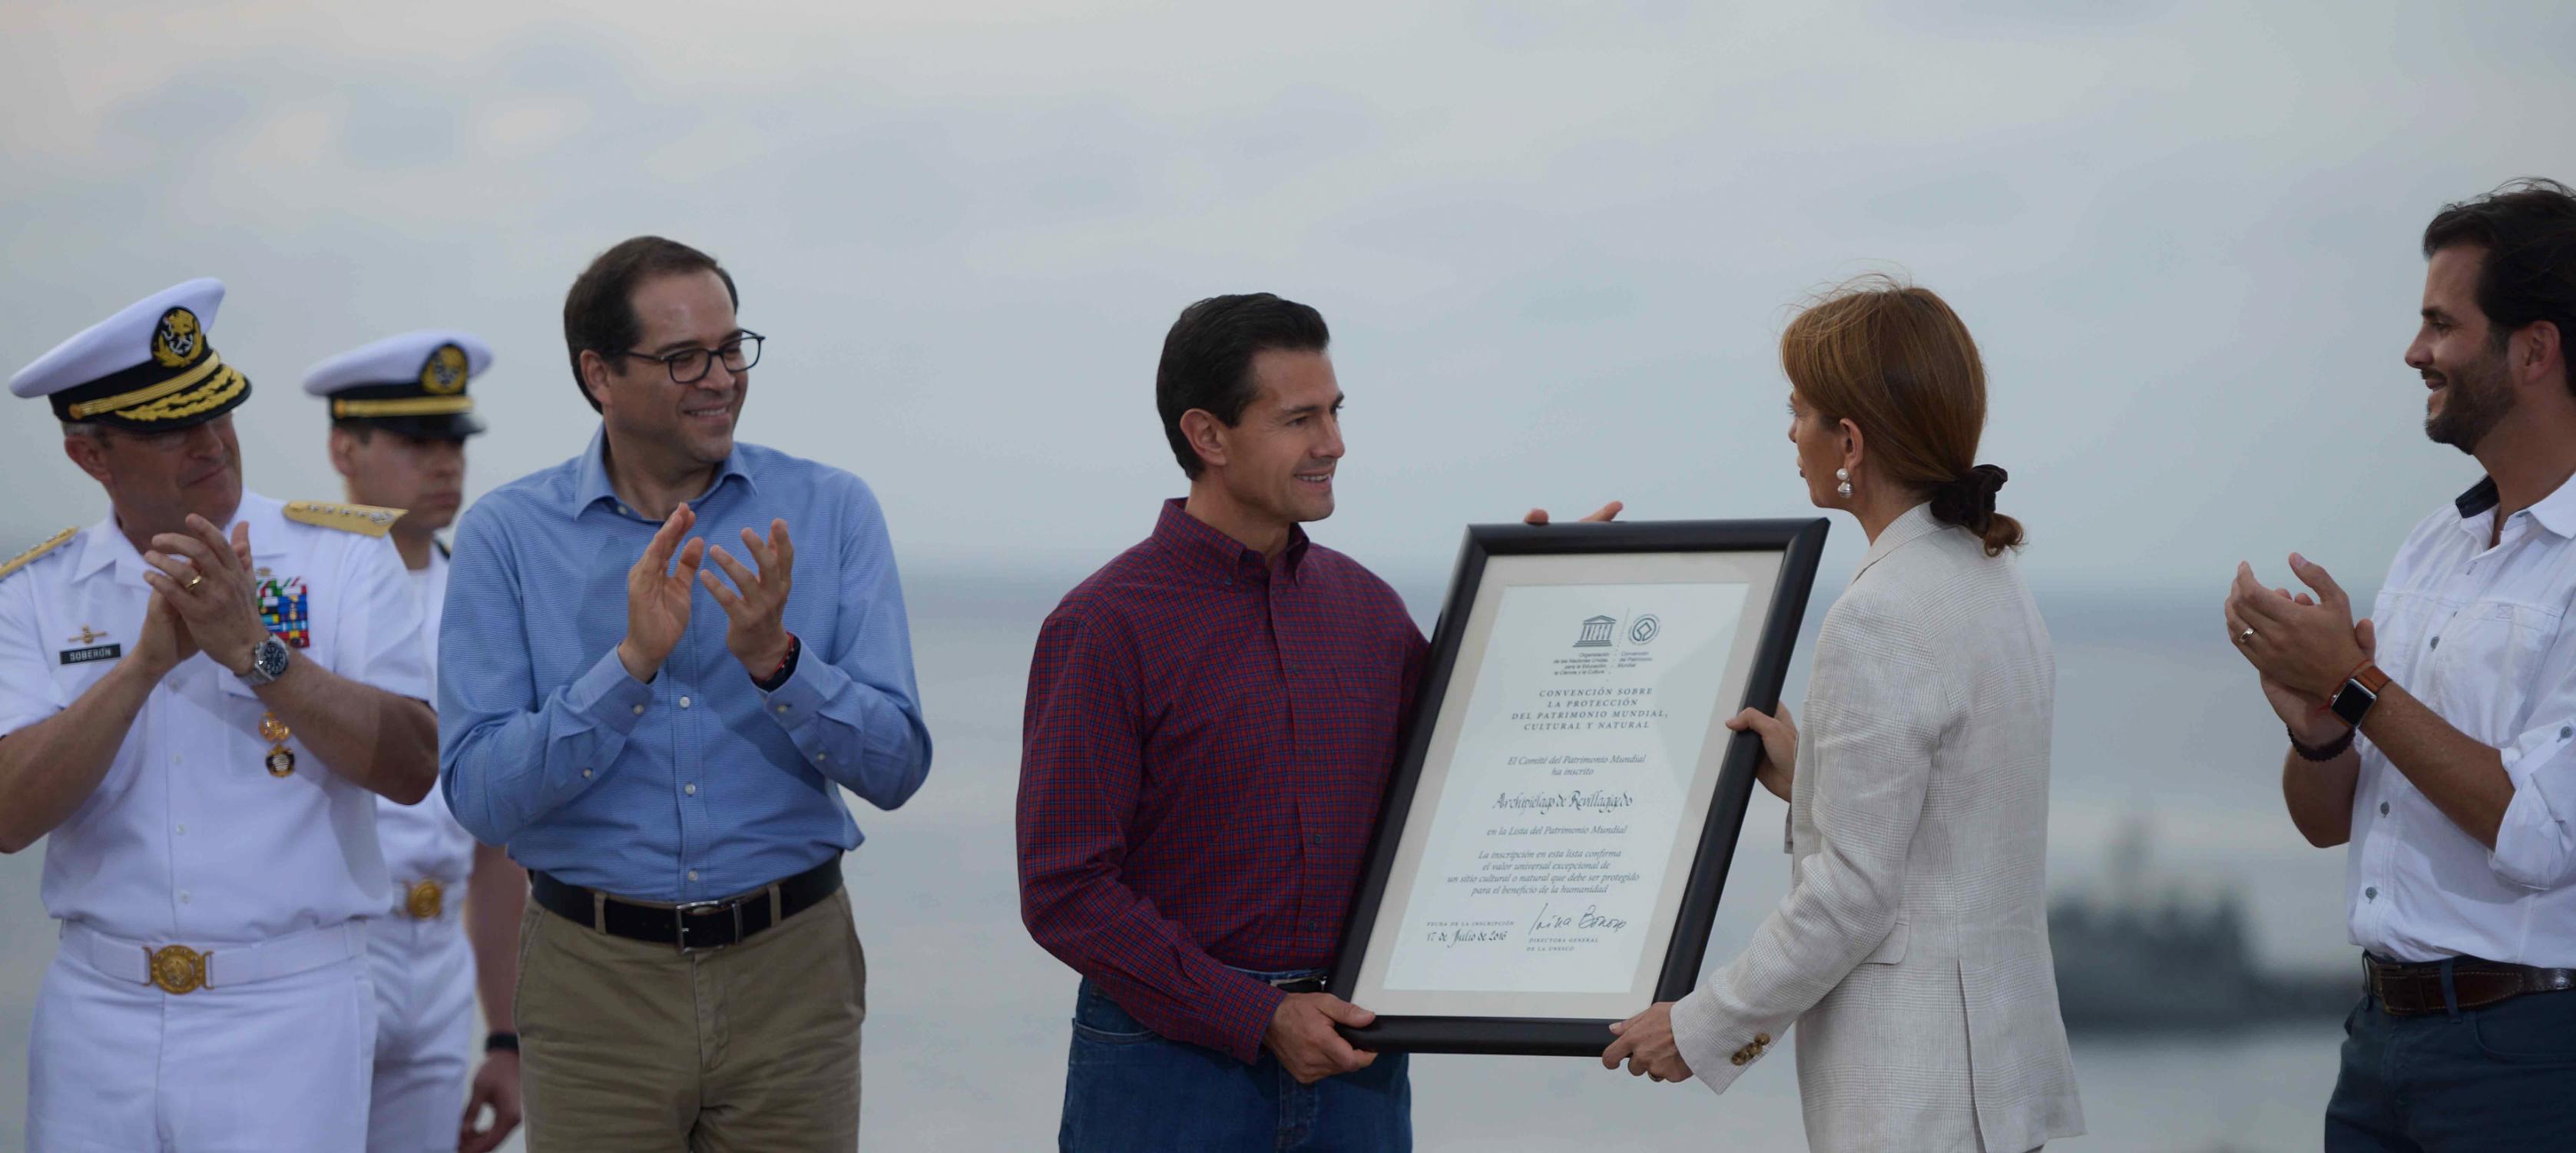 México sigue cumpliendo con su papel de responsabilidad global, y lo hace a través del patrimonio mundial: UNESCO.